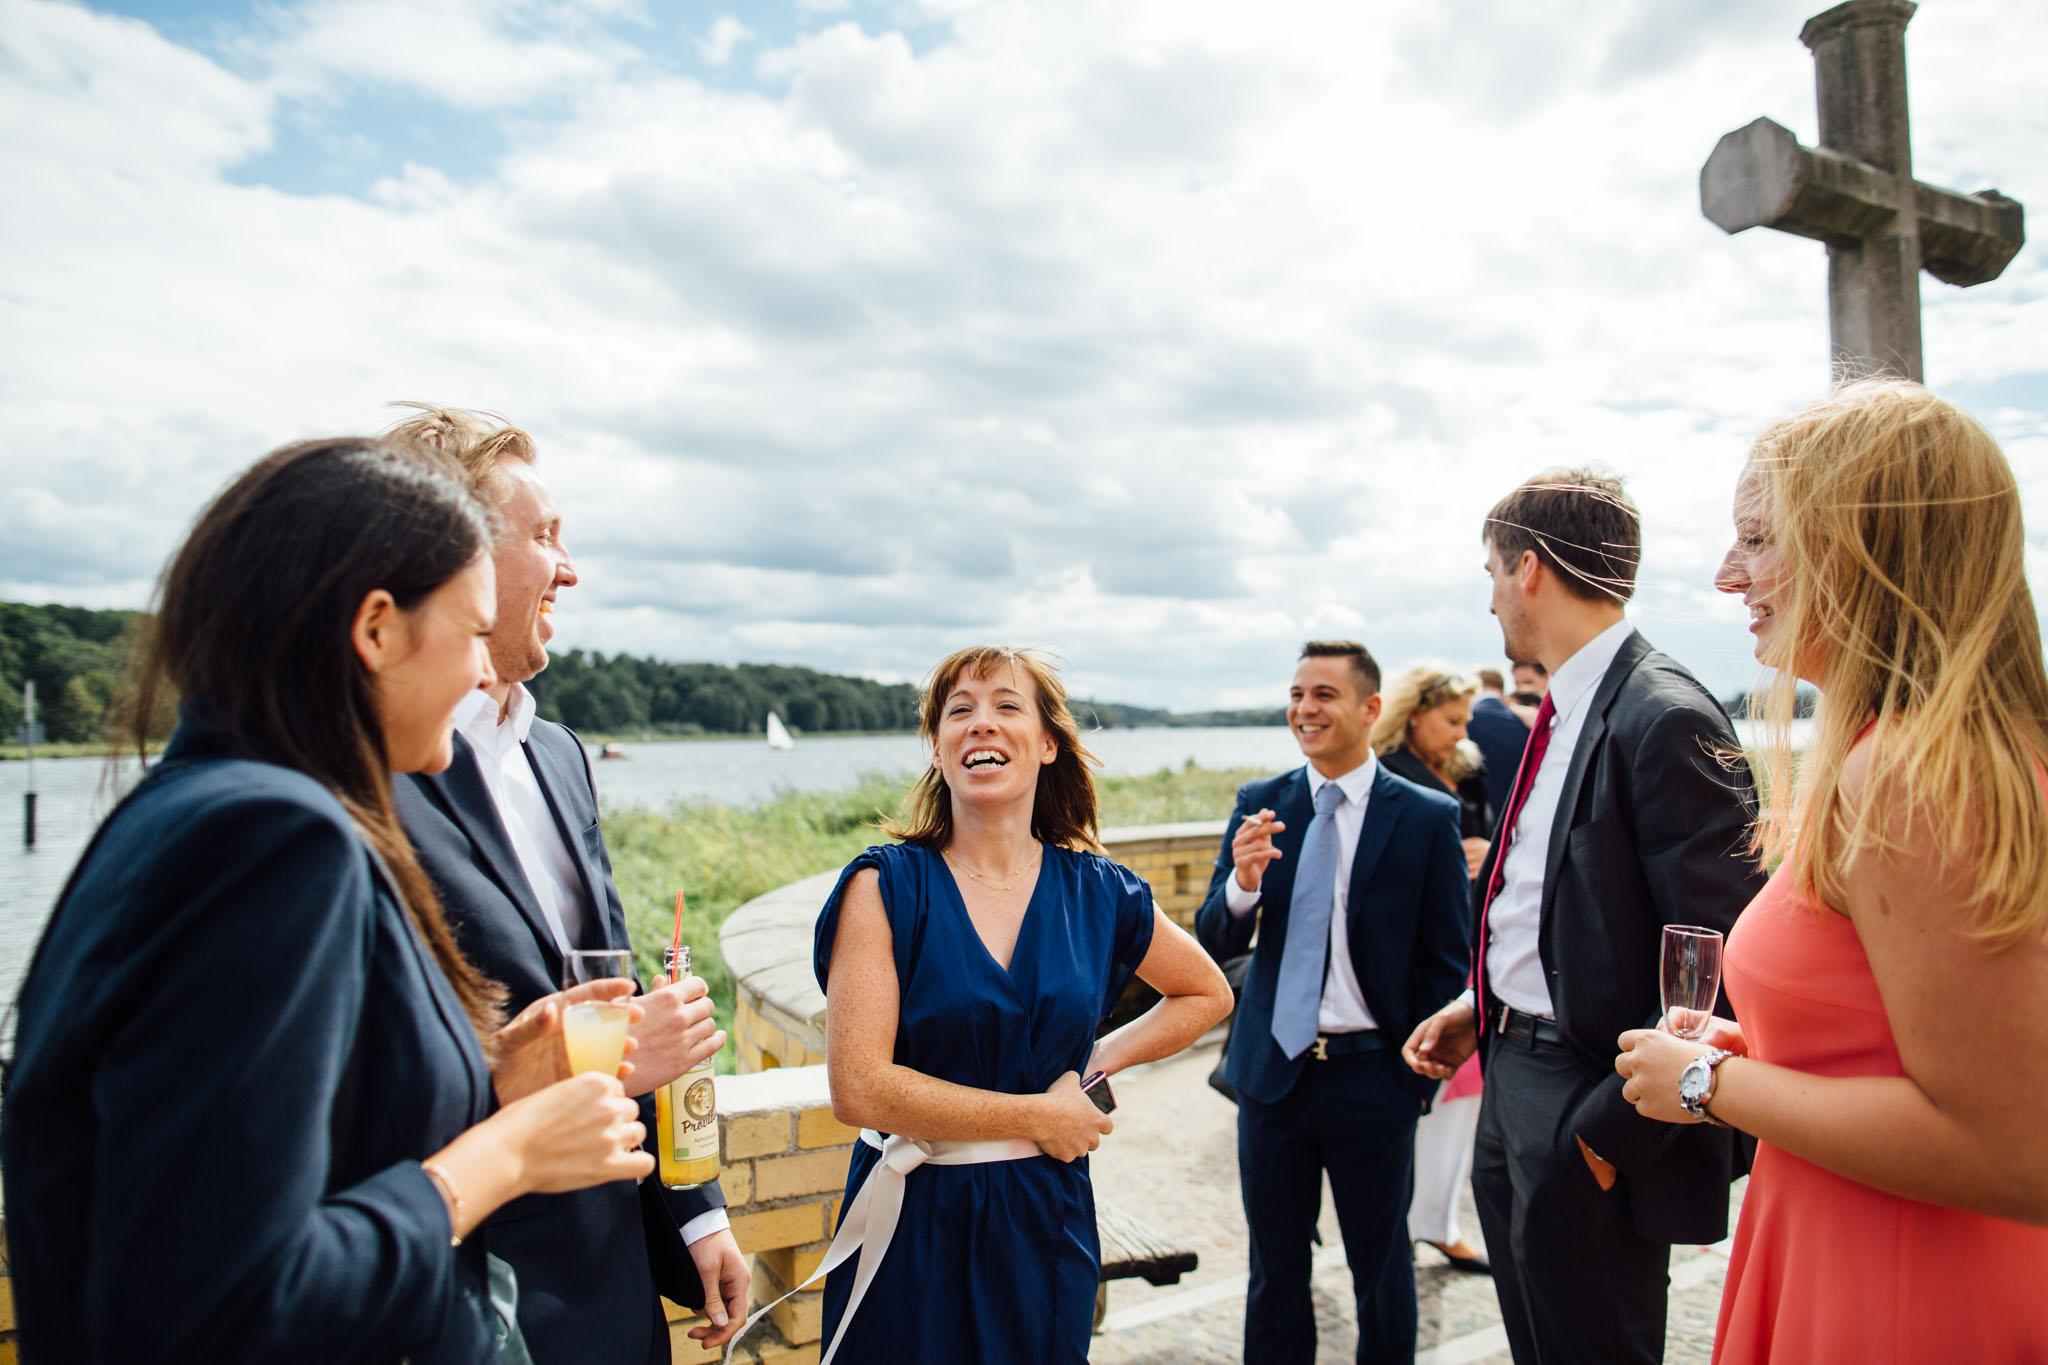 heilandskirche-sacrow-havel-heiraten-hochzeitsfotograf